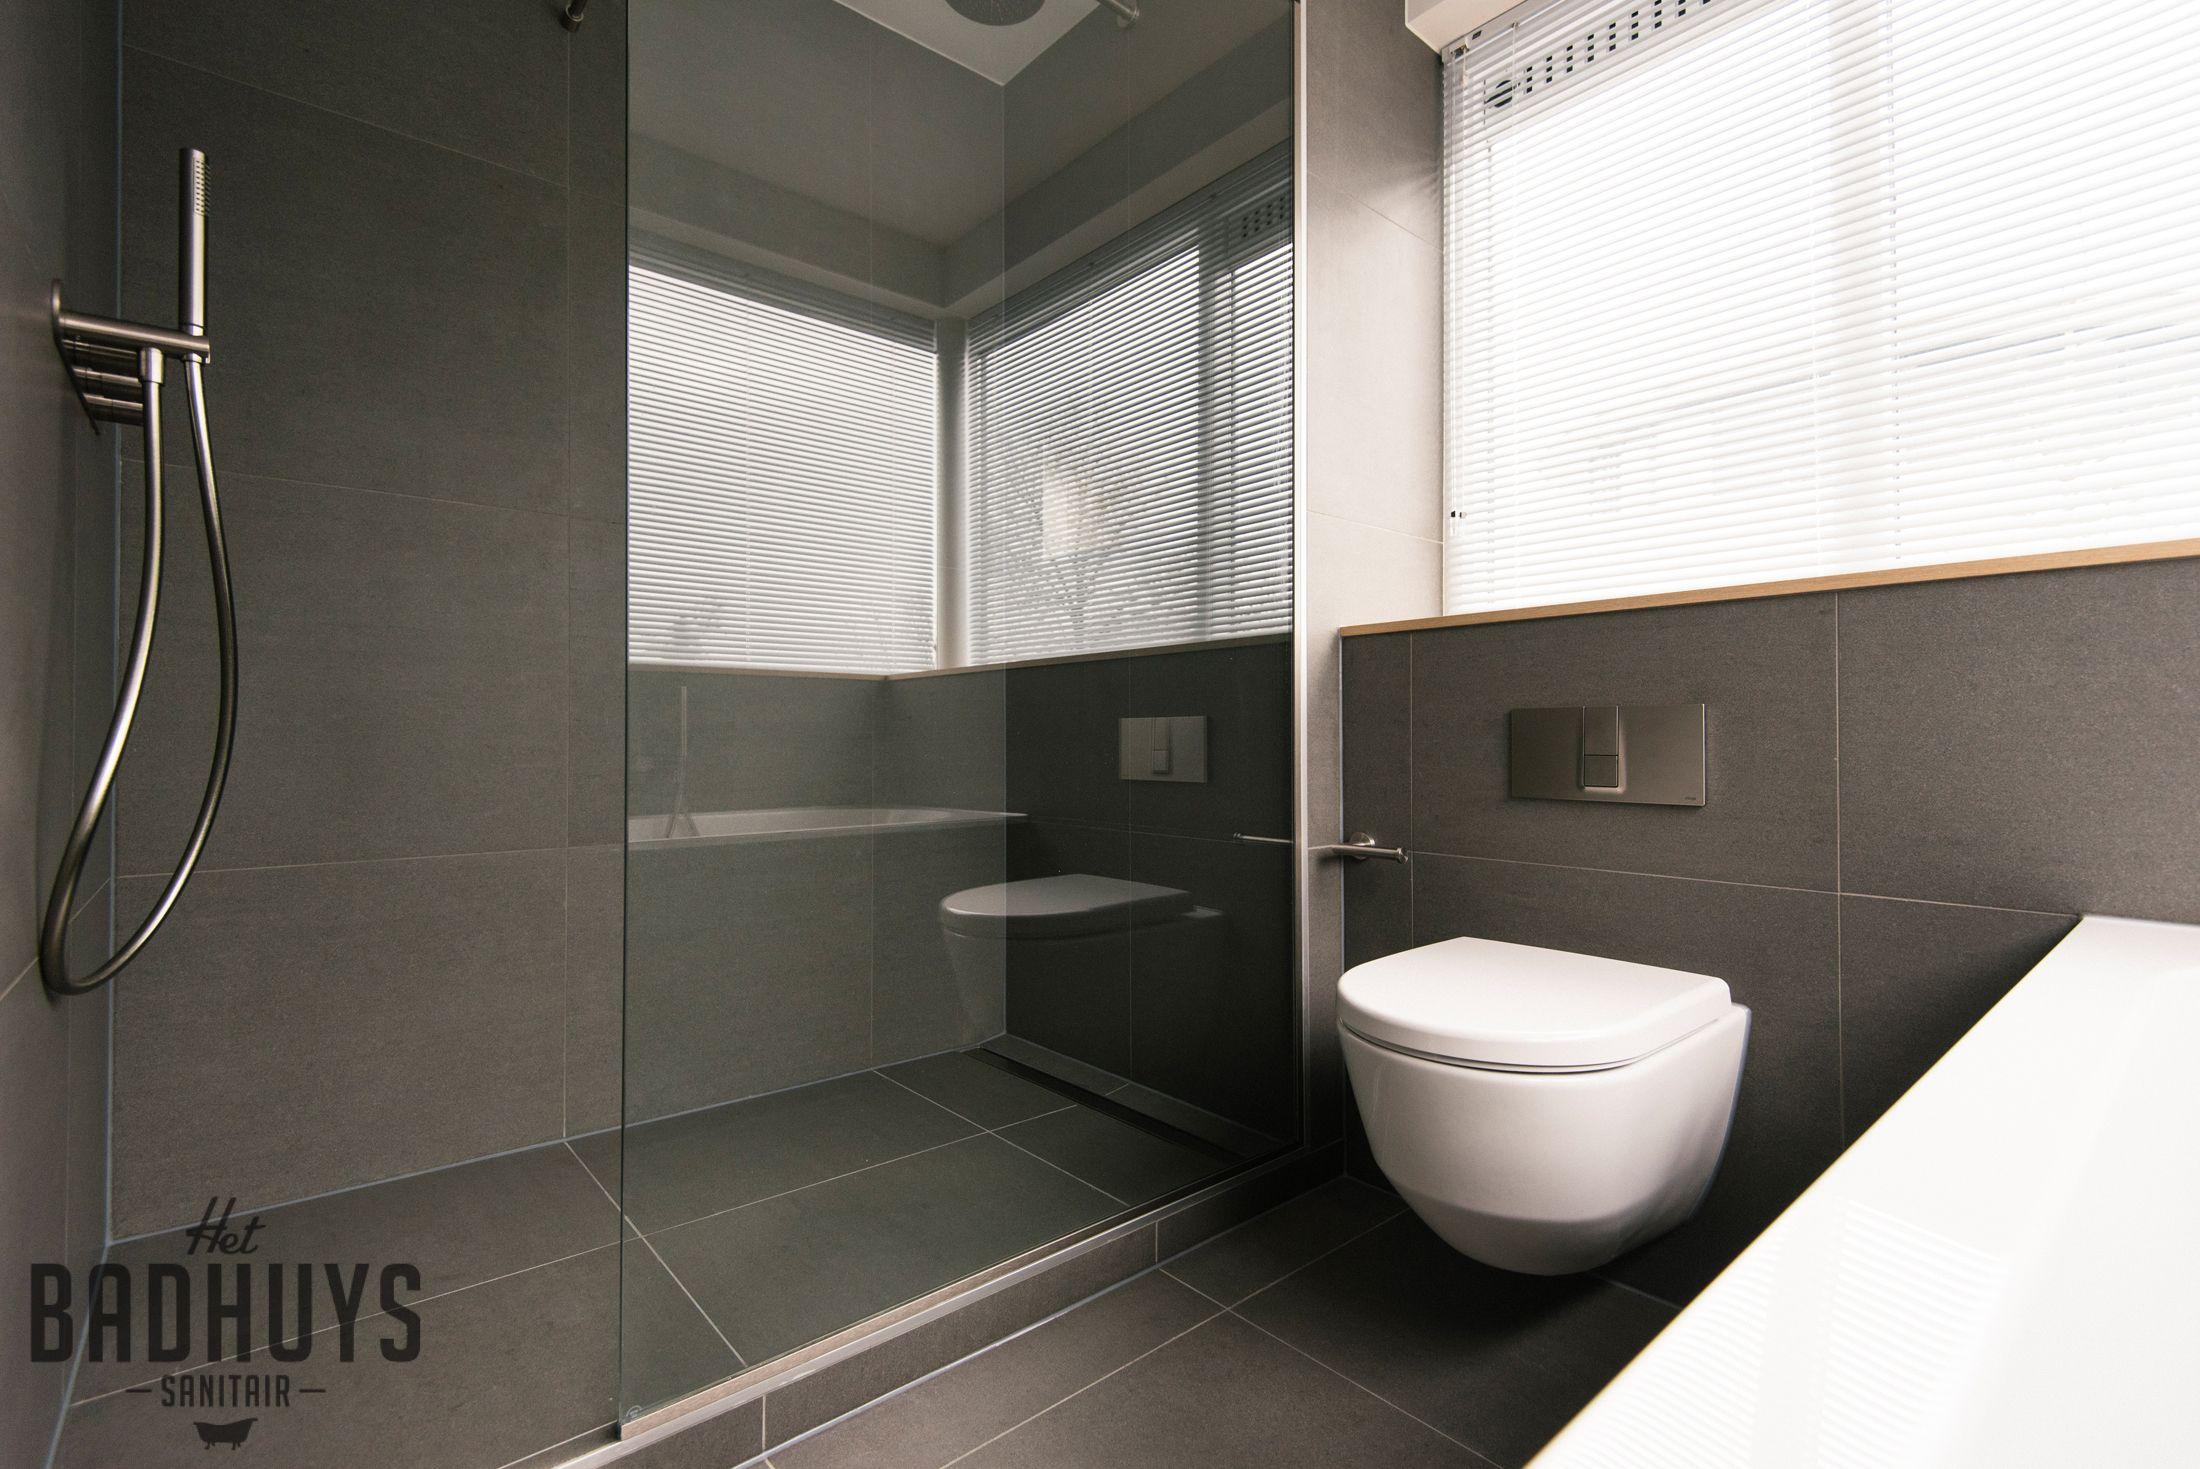 moderne badkamer met inloopdouche en wastafel op maat het